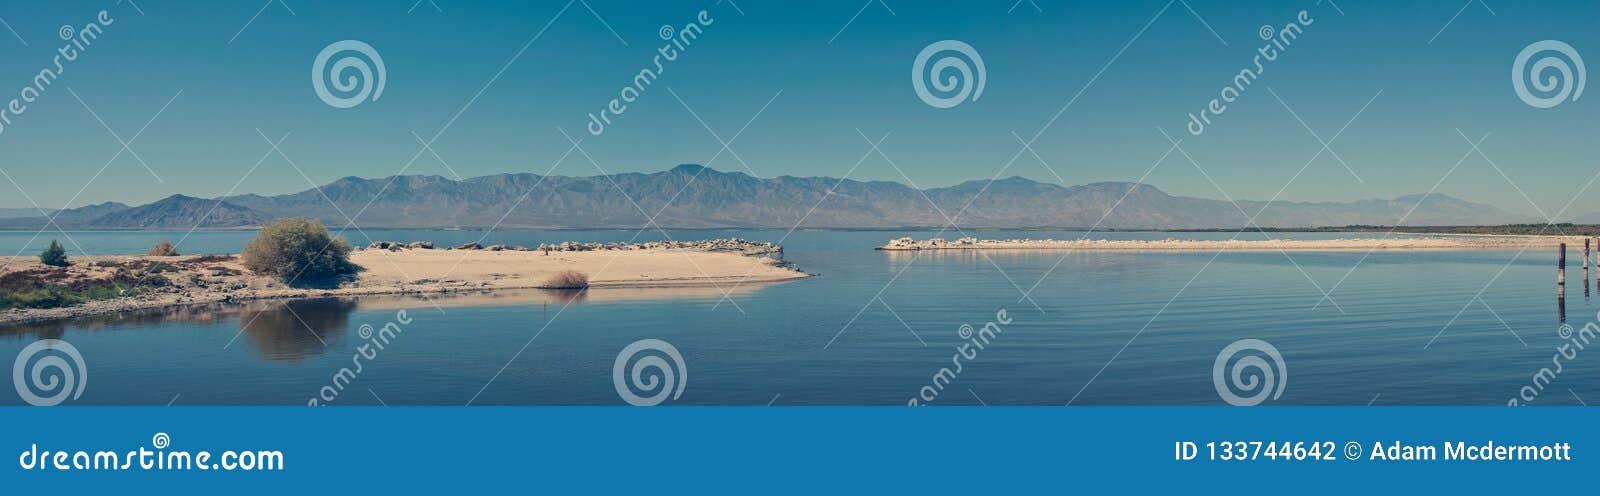 Salton Sea horizon